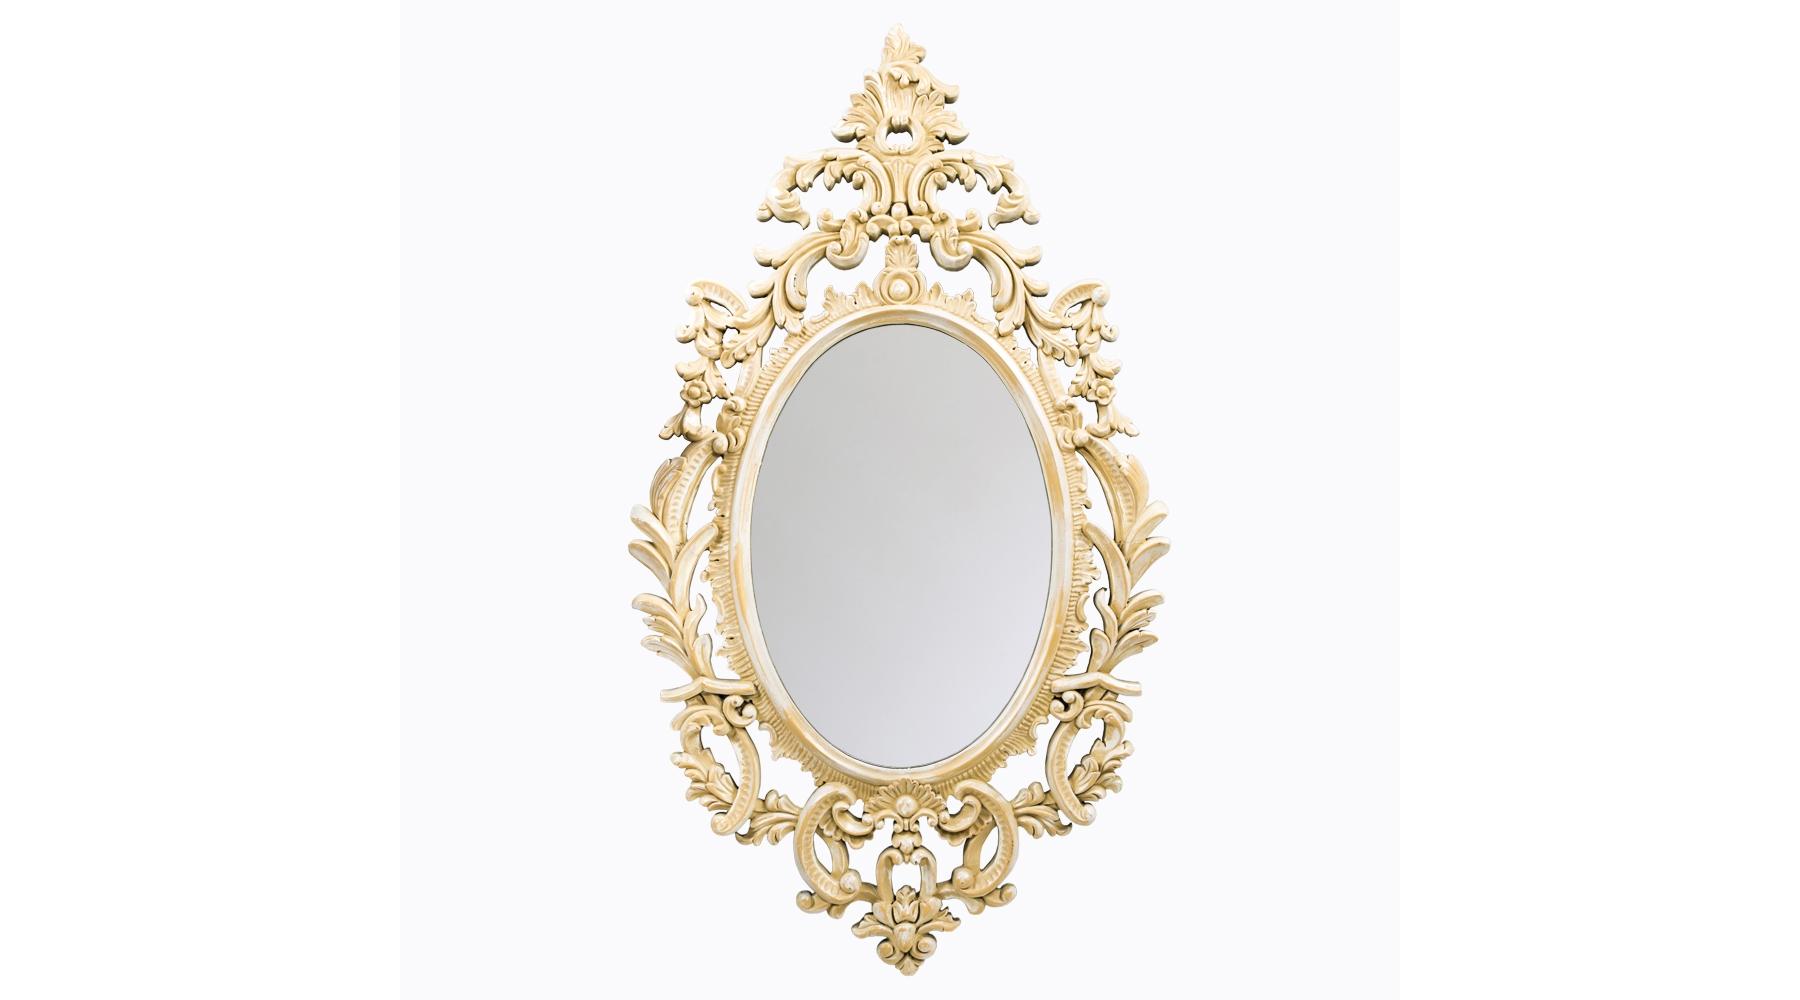 Настенное зеркало «Вивьен»Настенные зеркала<br>Эффектное зеркало в винтажном обрамлении отлично подойдет для дамского будуара или спальни, оформленной в классическом стиле, а также в стилях прованс и ар-деко. Рама изготовлена из современного мебельного полиуретана, но выглядит – точь-в-точь старинная оправа из слоновой кости, и по цвету, и по фактуре. Материал настолько прочен, что за сохранность тонкой резьбы можно не волноваться. На поверхности ППУ не образуется сколов и трещин, влаги он также не боится. Само зеркало толщиной 5 мм покрыто слоем серебряной амальгамы и отражает объекты без малейших искажений. Вес: 4,7 кг.<br><br>Material: Полиуретан<br>Width см: 73,7<br>Depth см: 4<br>Height см: 132